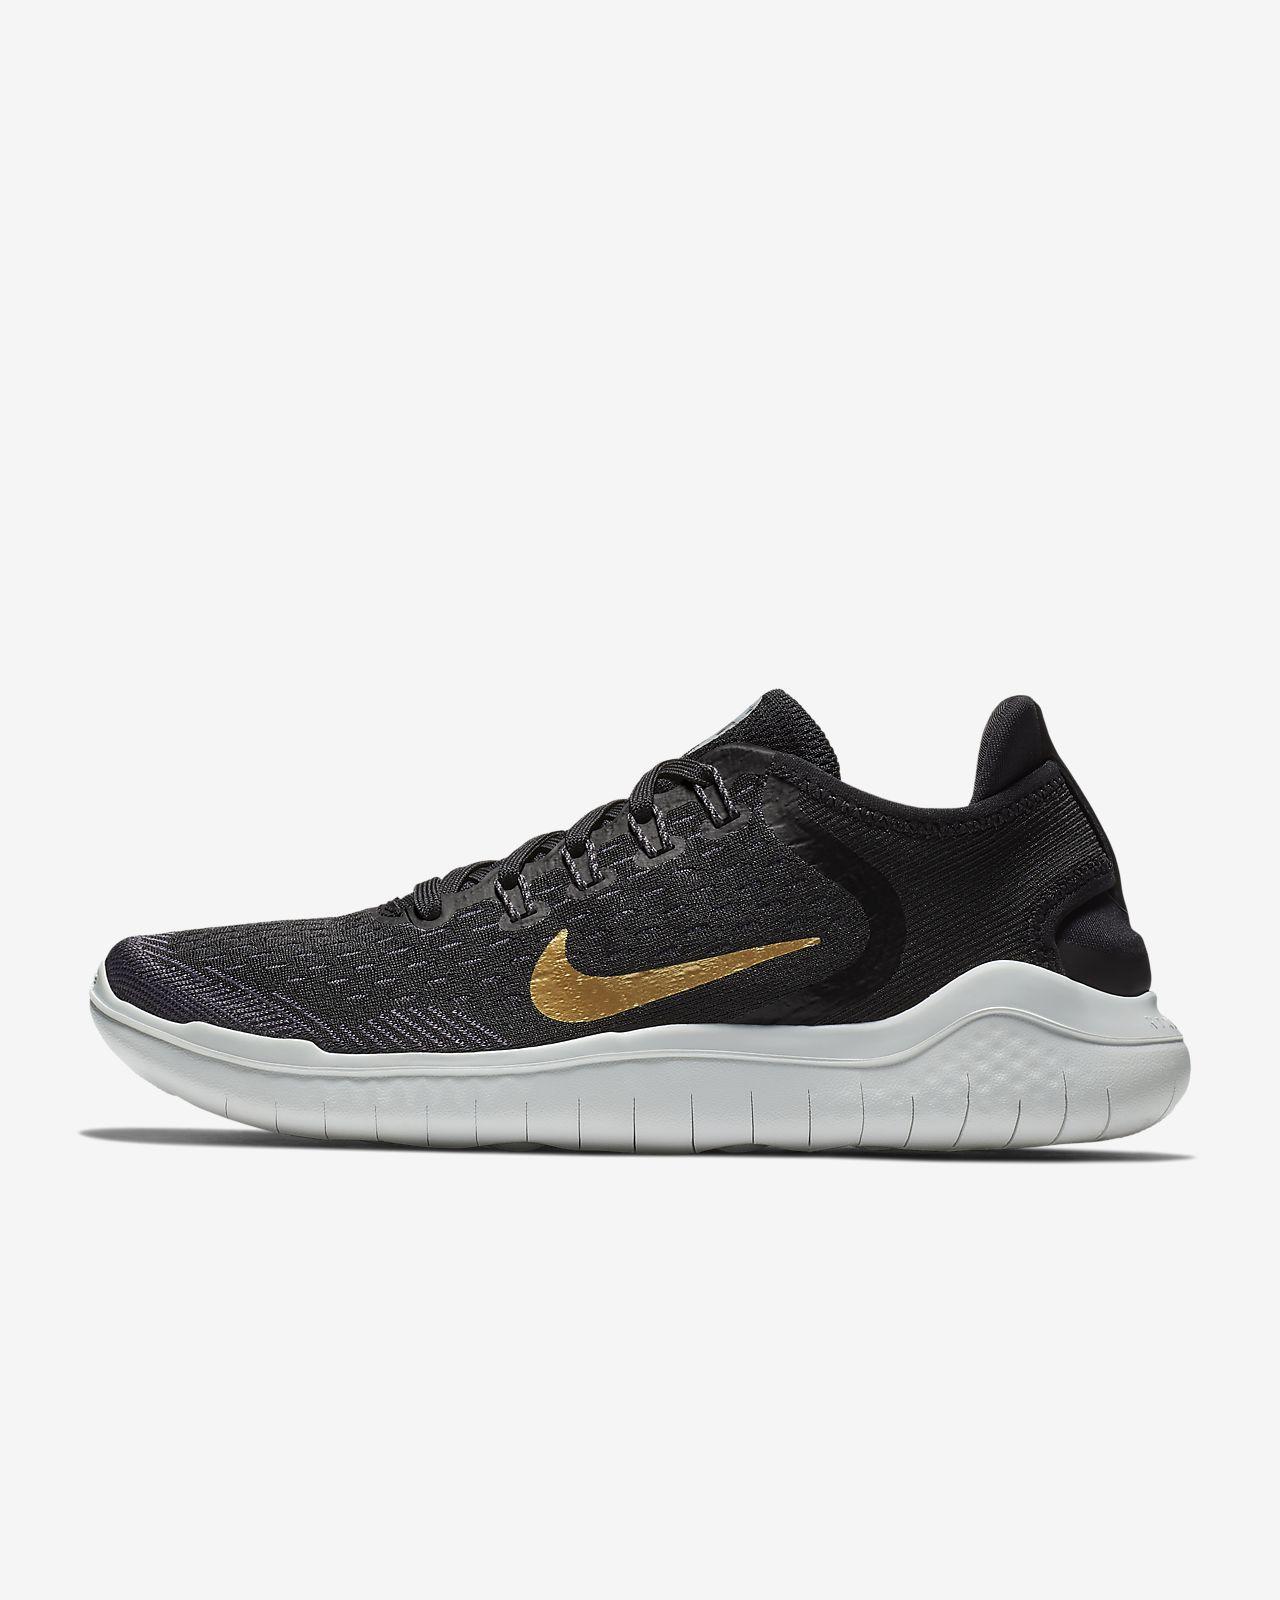 nike sko hvite salg, Nike Free Run+ 2 Kvinder Pink Grå Hvid